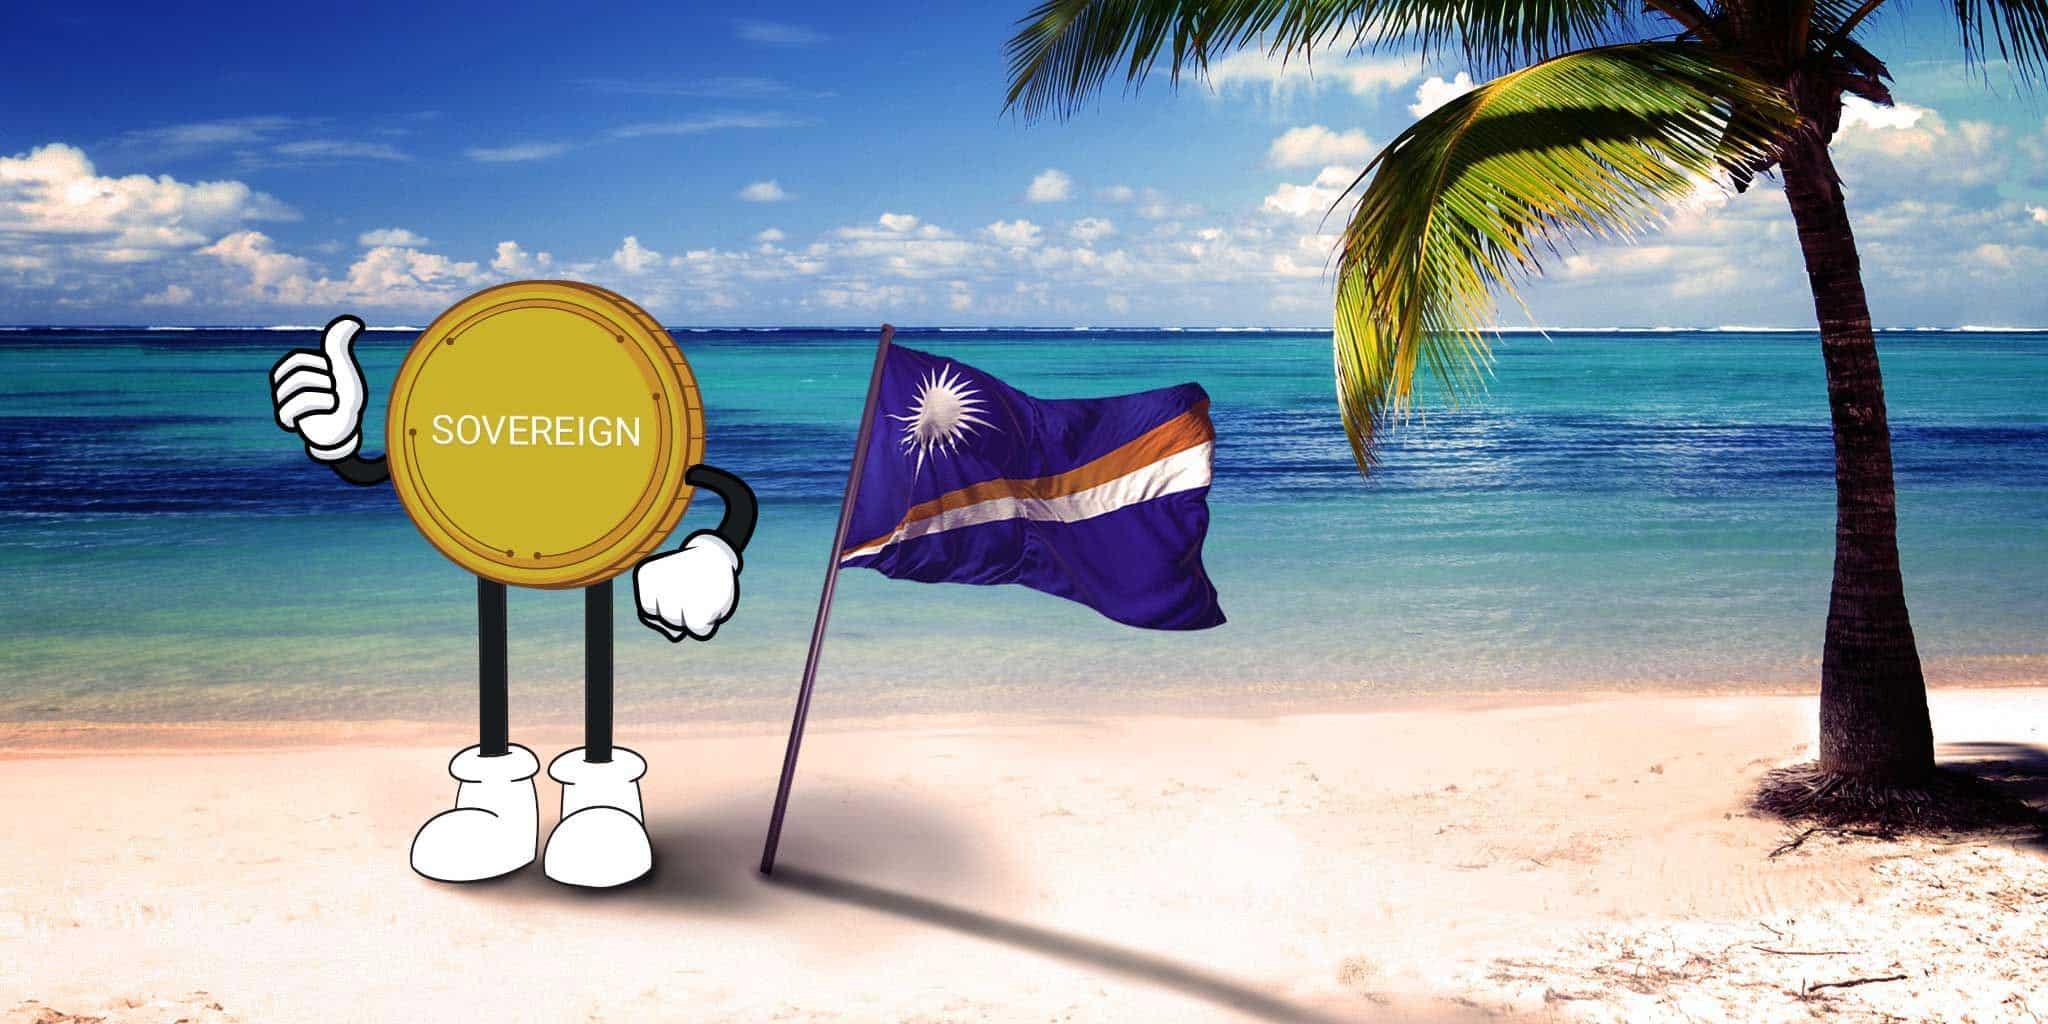 Forex com cayman islands